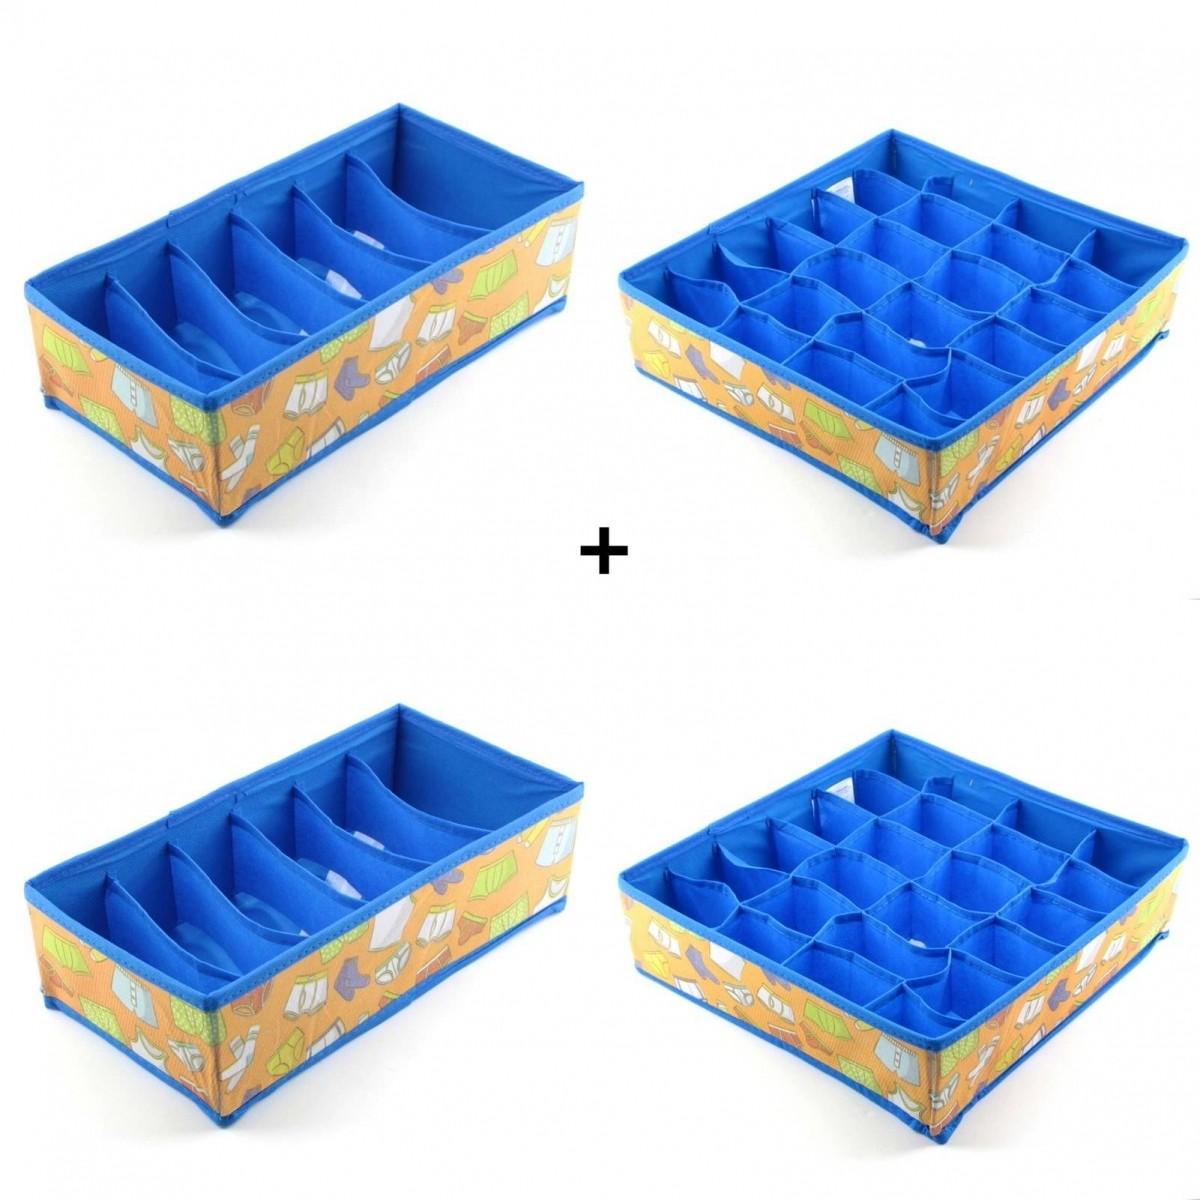 6551 6552 Kit 2 Organizador Calcinhas Meias Para Gavetas + 2 De Sutiã